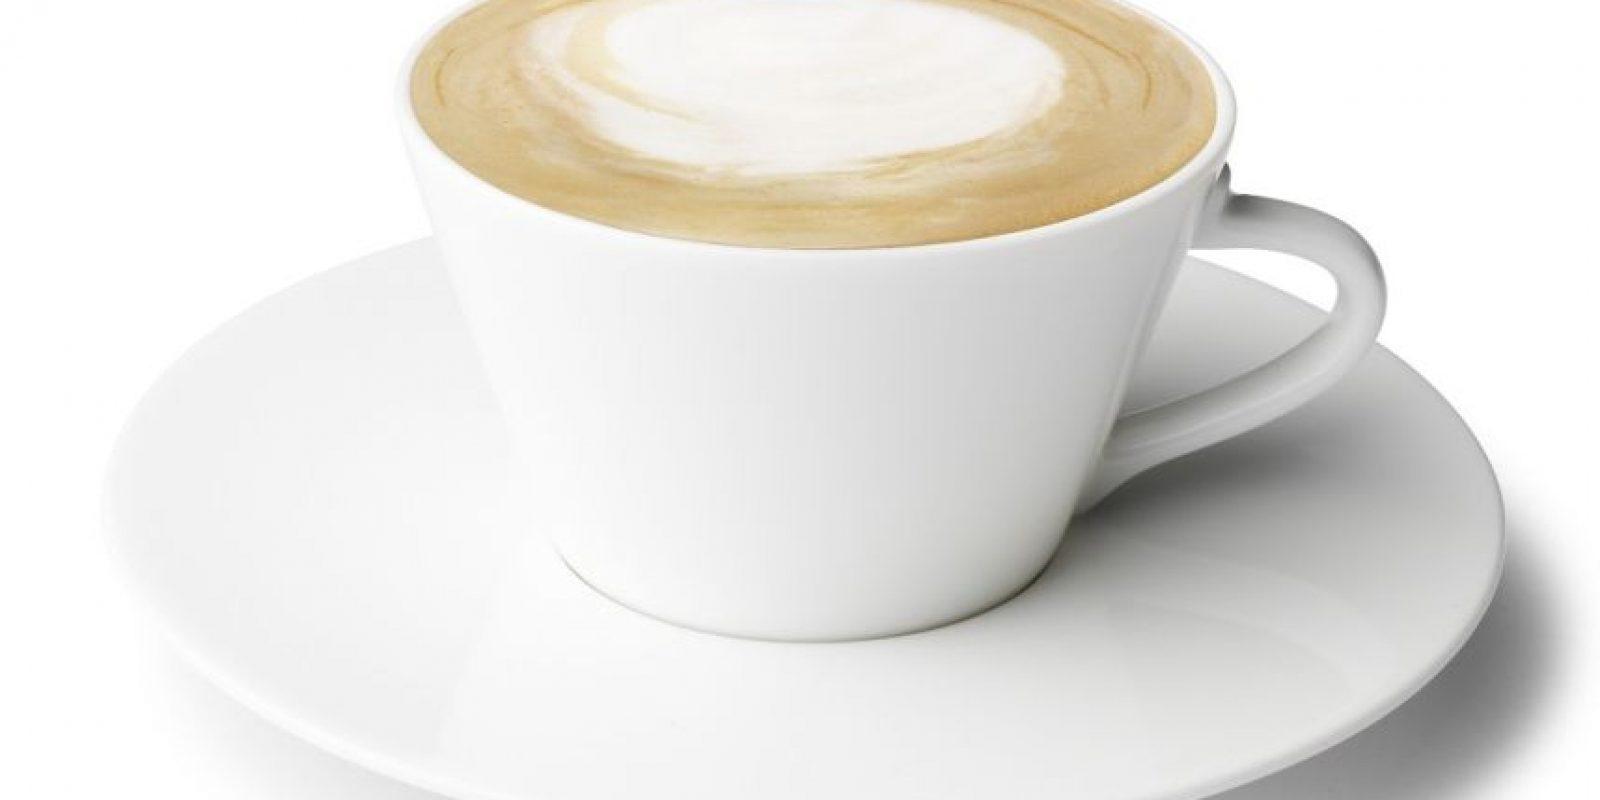 Café Au Lait: Mientras preparas el café, calienta en la estufa igual cantidad de leche. Cuando estén listos, vierte al mismo tiempo el café y la leche en las tazas. Tomar de inmediato.